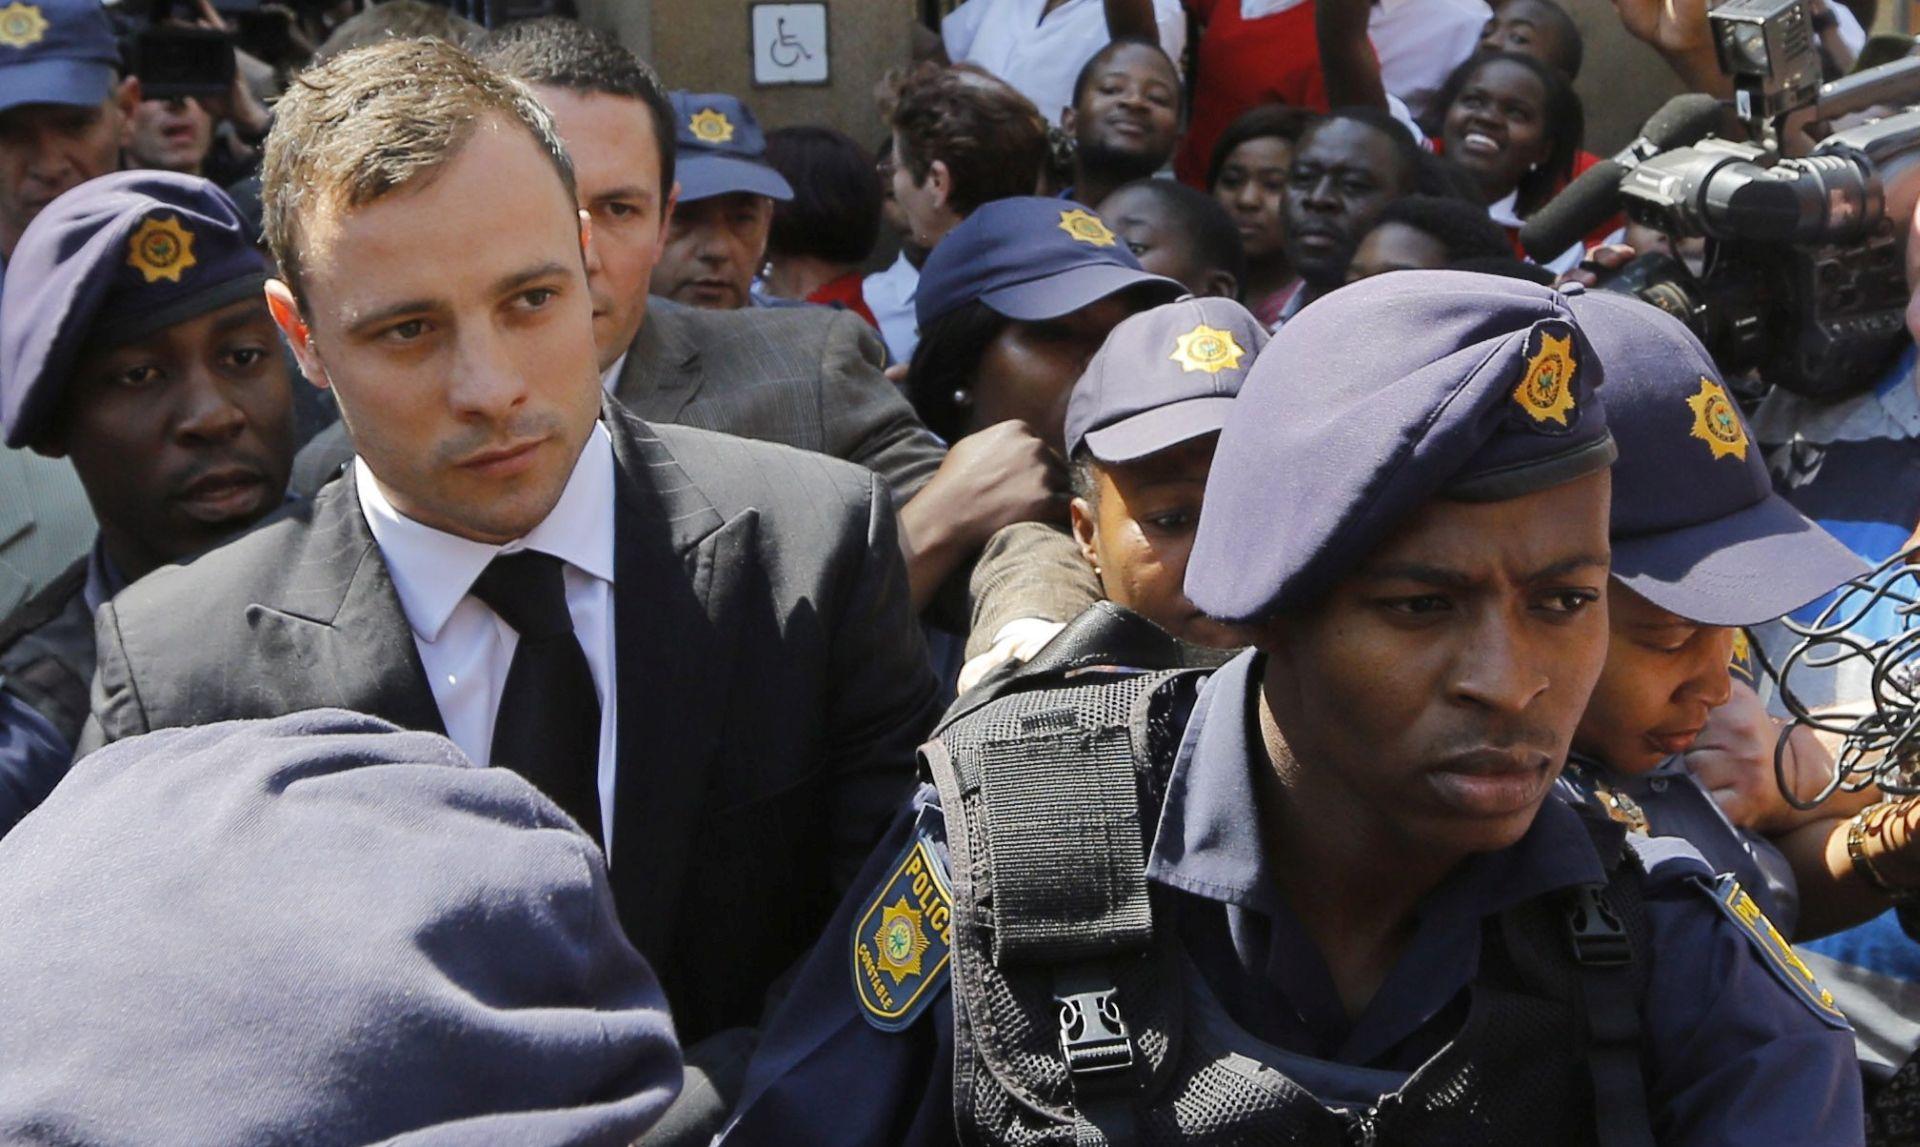 'POPRAVNI NADZOR' Oscar Pistorius sljedeći tjedan izlazi iz zatvora u kućni pritvor